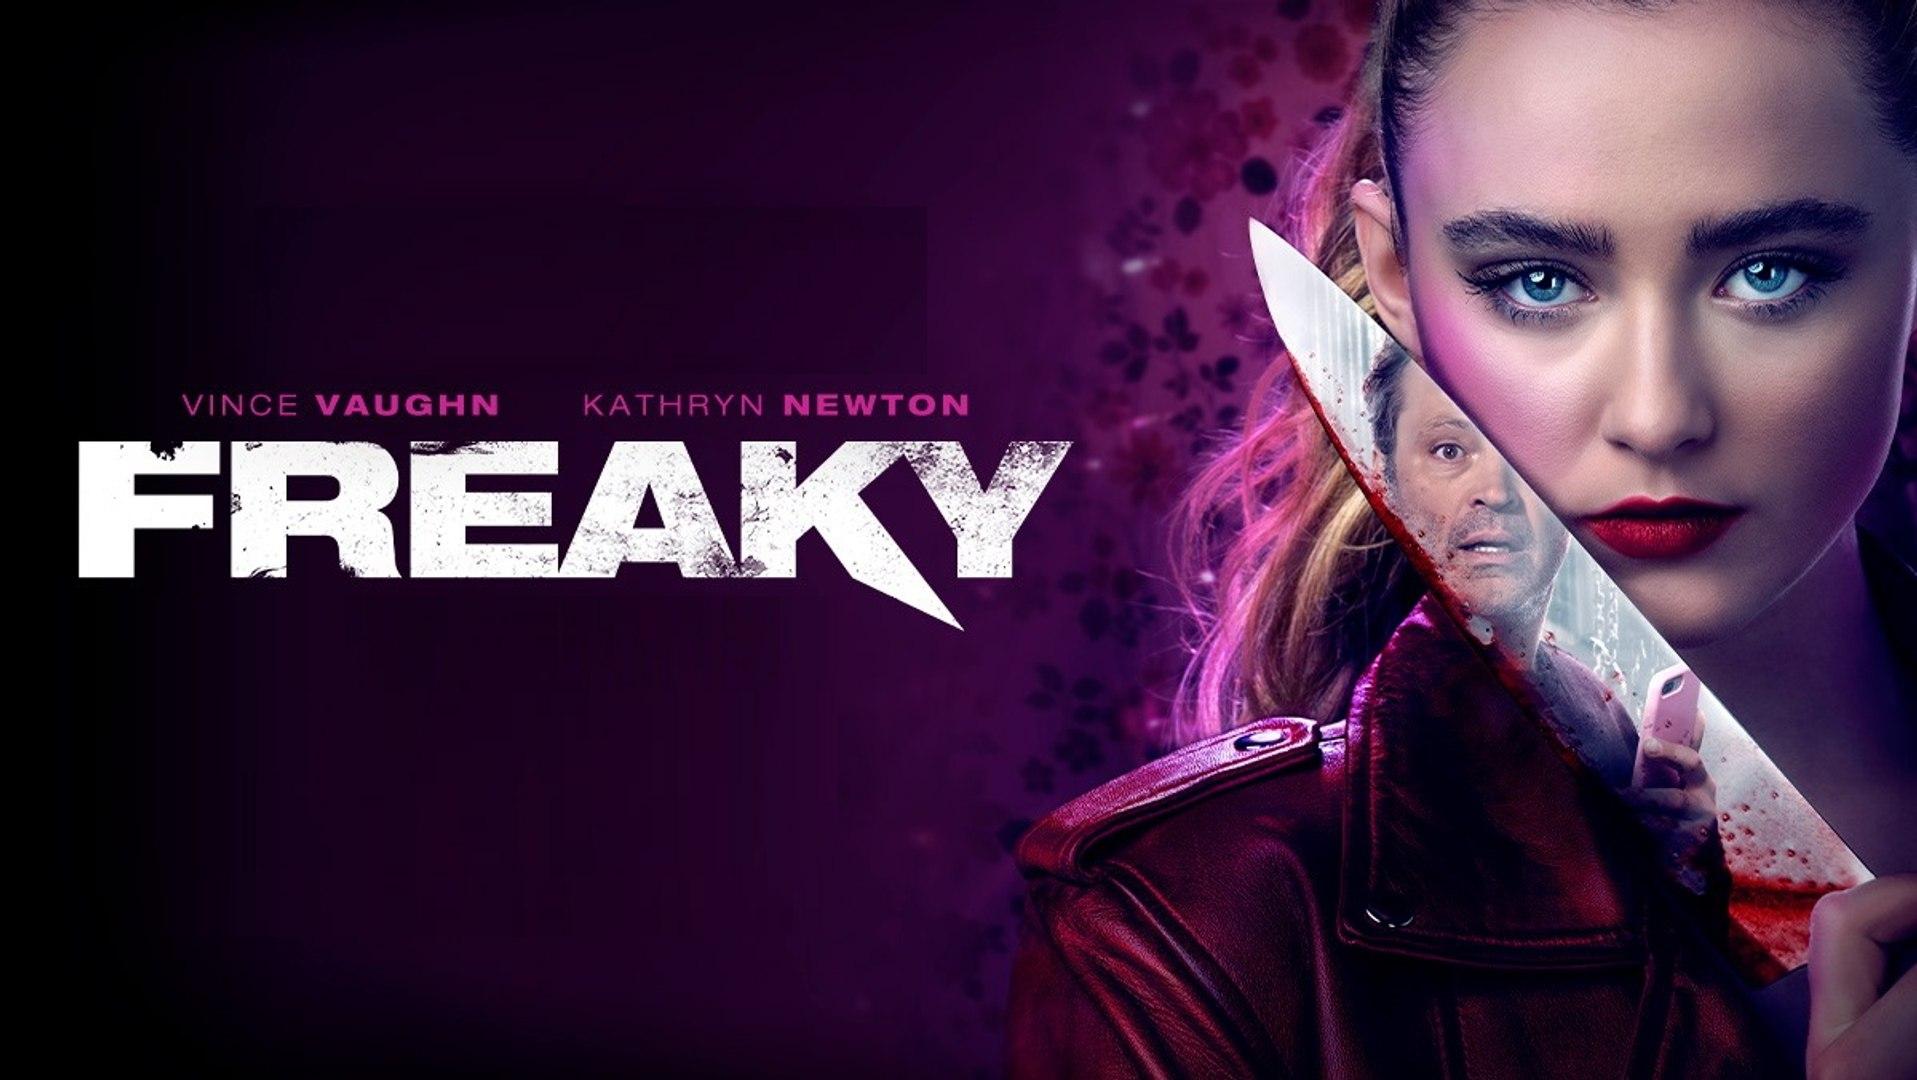 Freaky: No Corpo de um Assassino | Comédia de troca de corpos entre uma adolescente e um serial killer